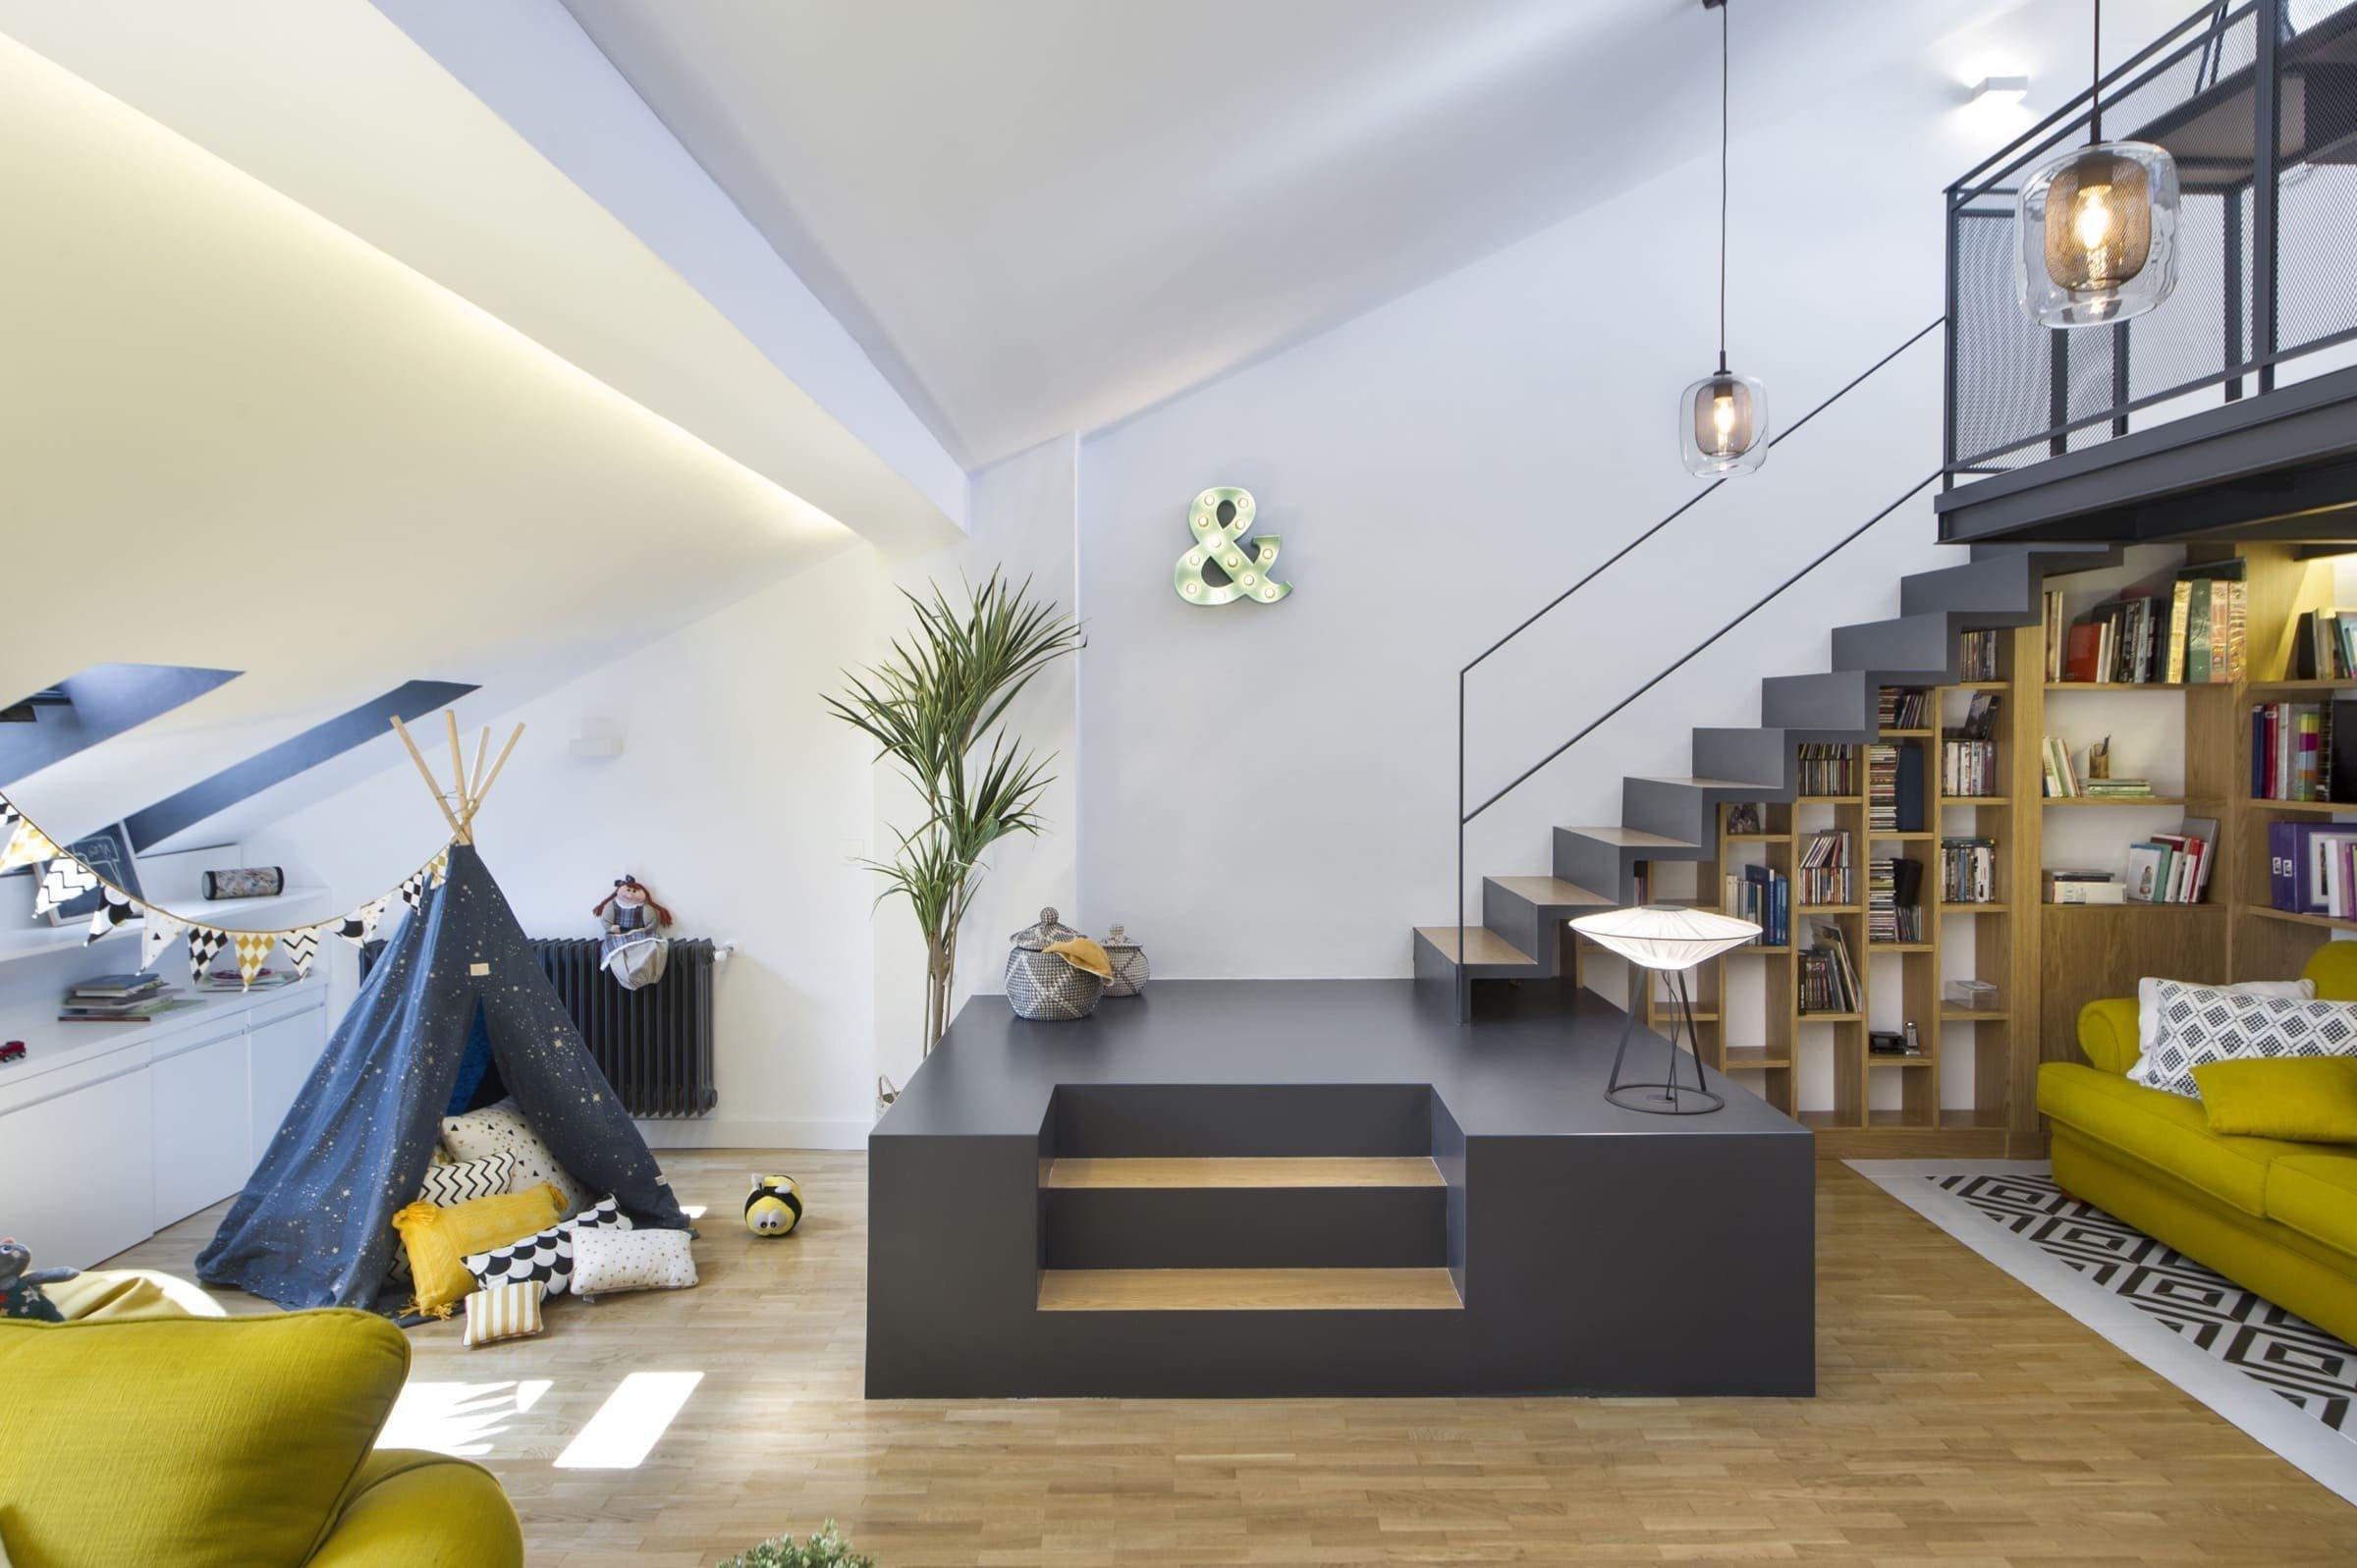 Půdní prostor s velkým potenciálem využívali madridští majitelé zprvu jako skladiště, díky architektům ze studia Egue y Seta však nově získali příjemných 97 m² plochy, která se proměnila v plnohodnotnou část domácnosti. Ta zaujme nejen bohatě zásobenou knihovnou, ale i svěžími akcenty jasně žluté barvy.